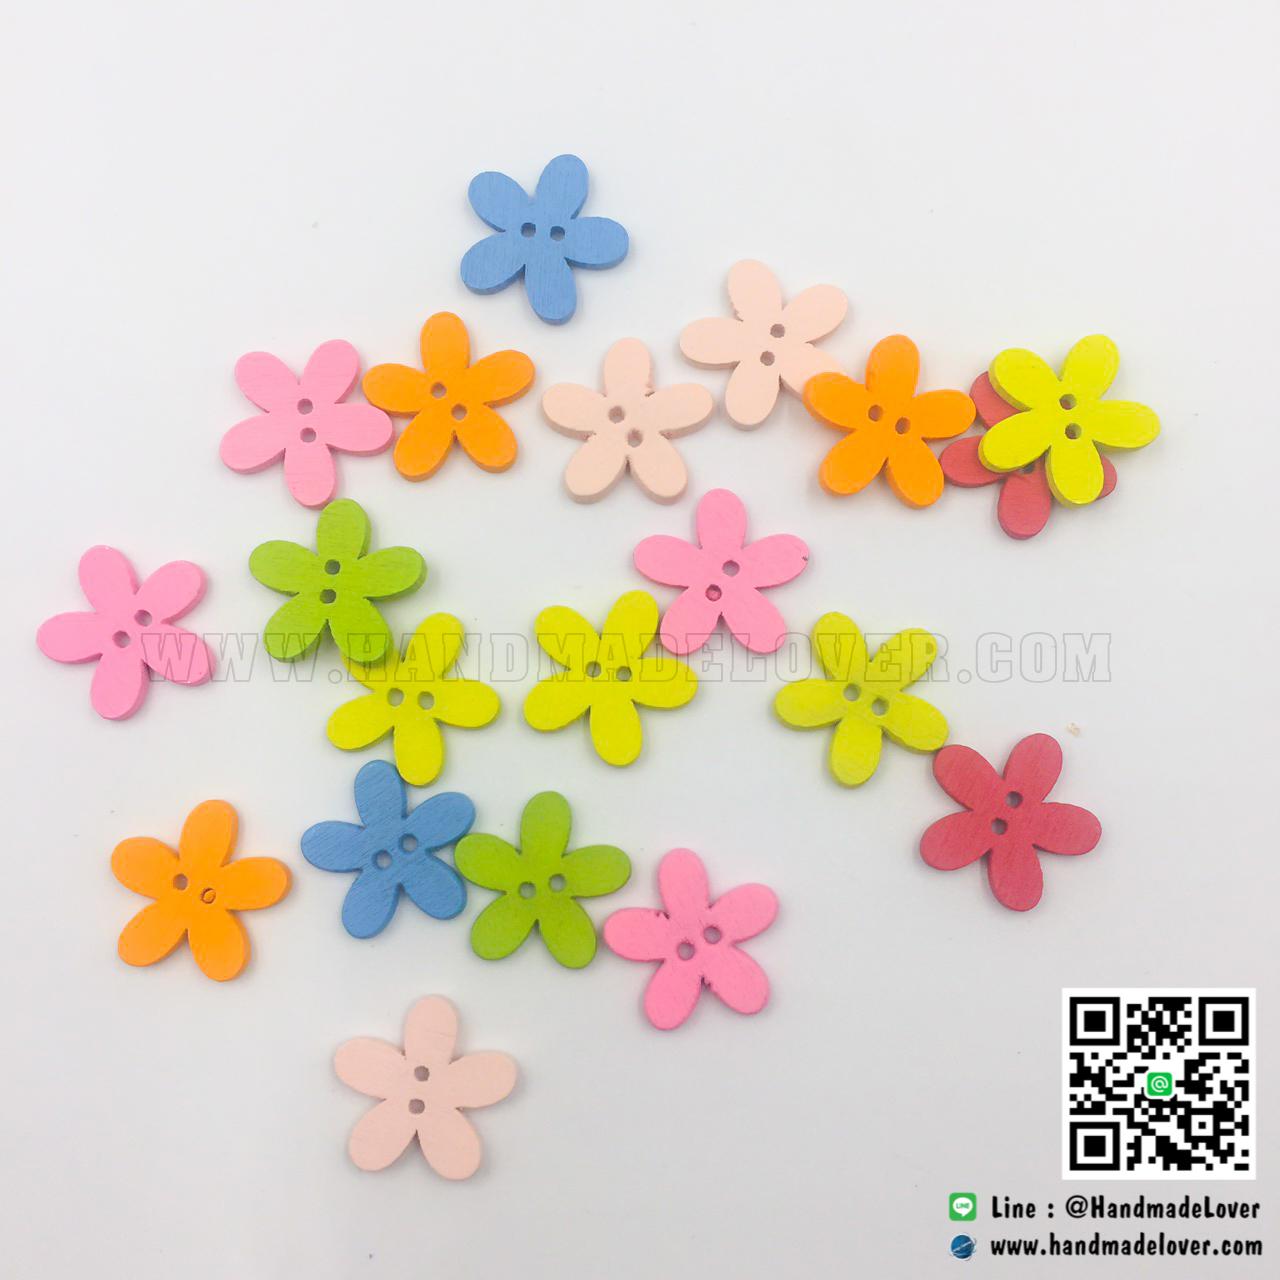 กระดุมไม้รูปดอกไม้ คละสี ขนาด 15 มม. [แพ็ค 20 เม็ด]